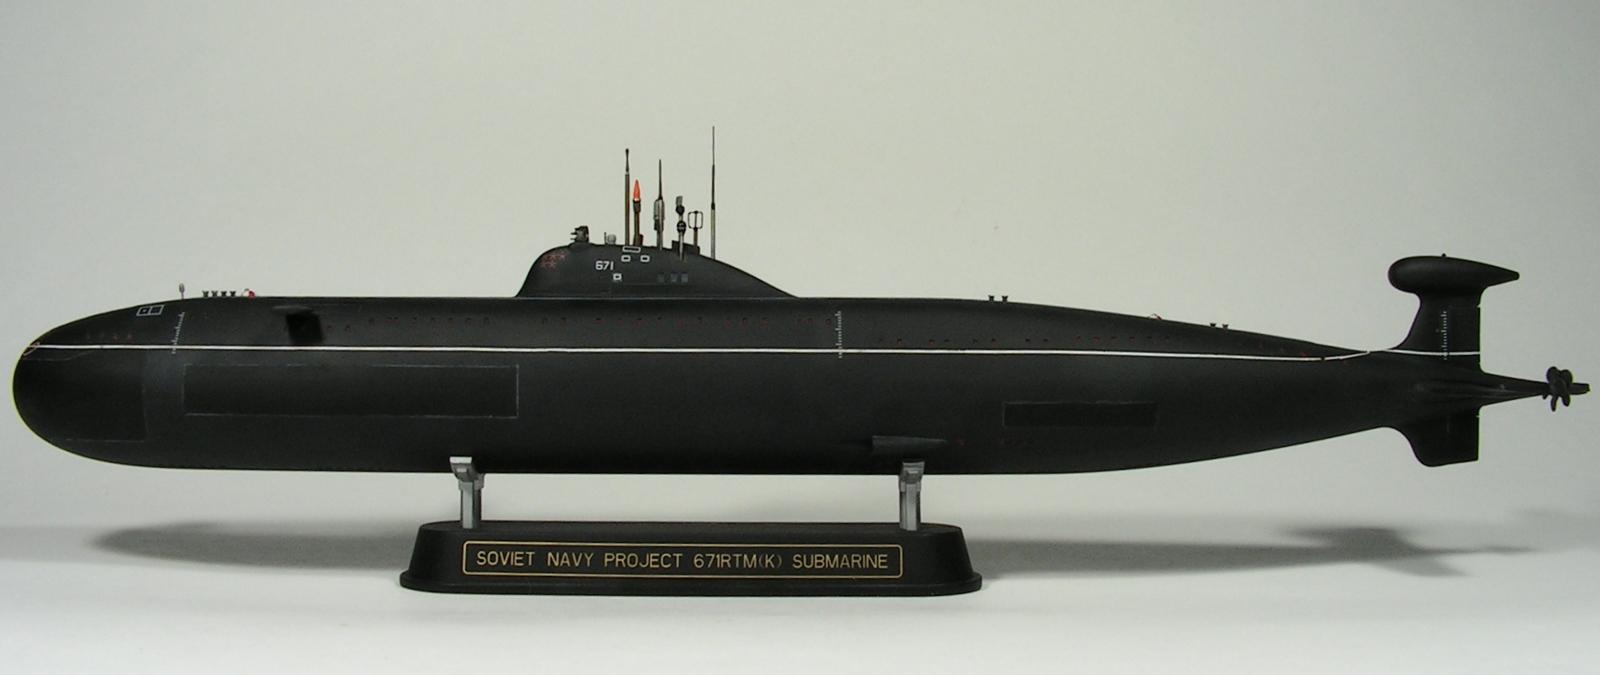 подводные лодки проекта 671ртм к щука